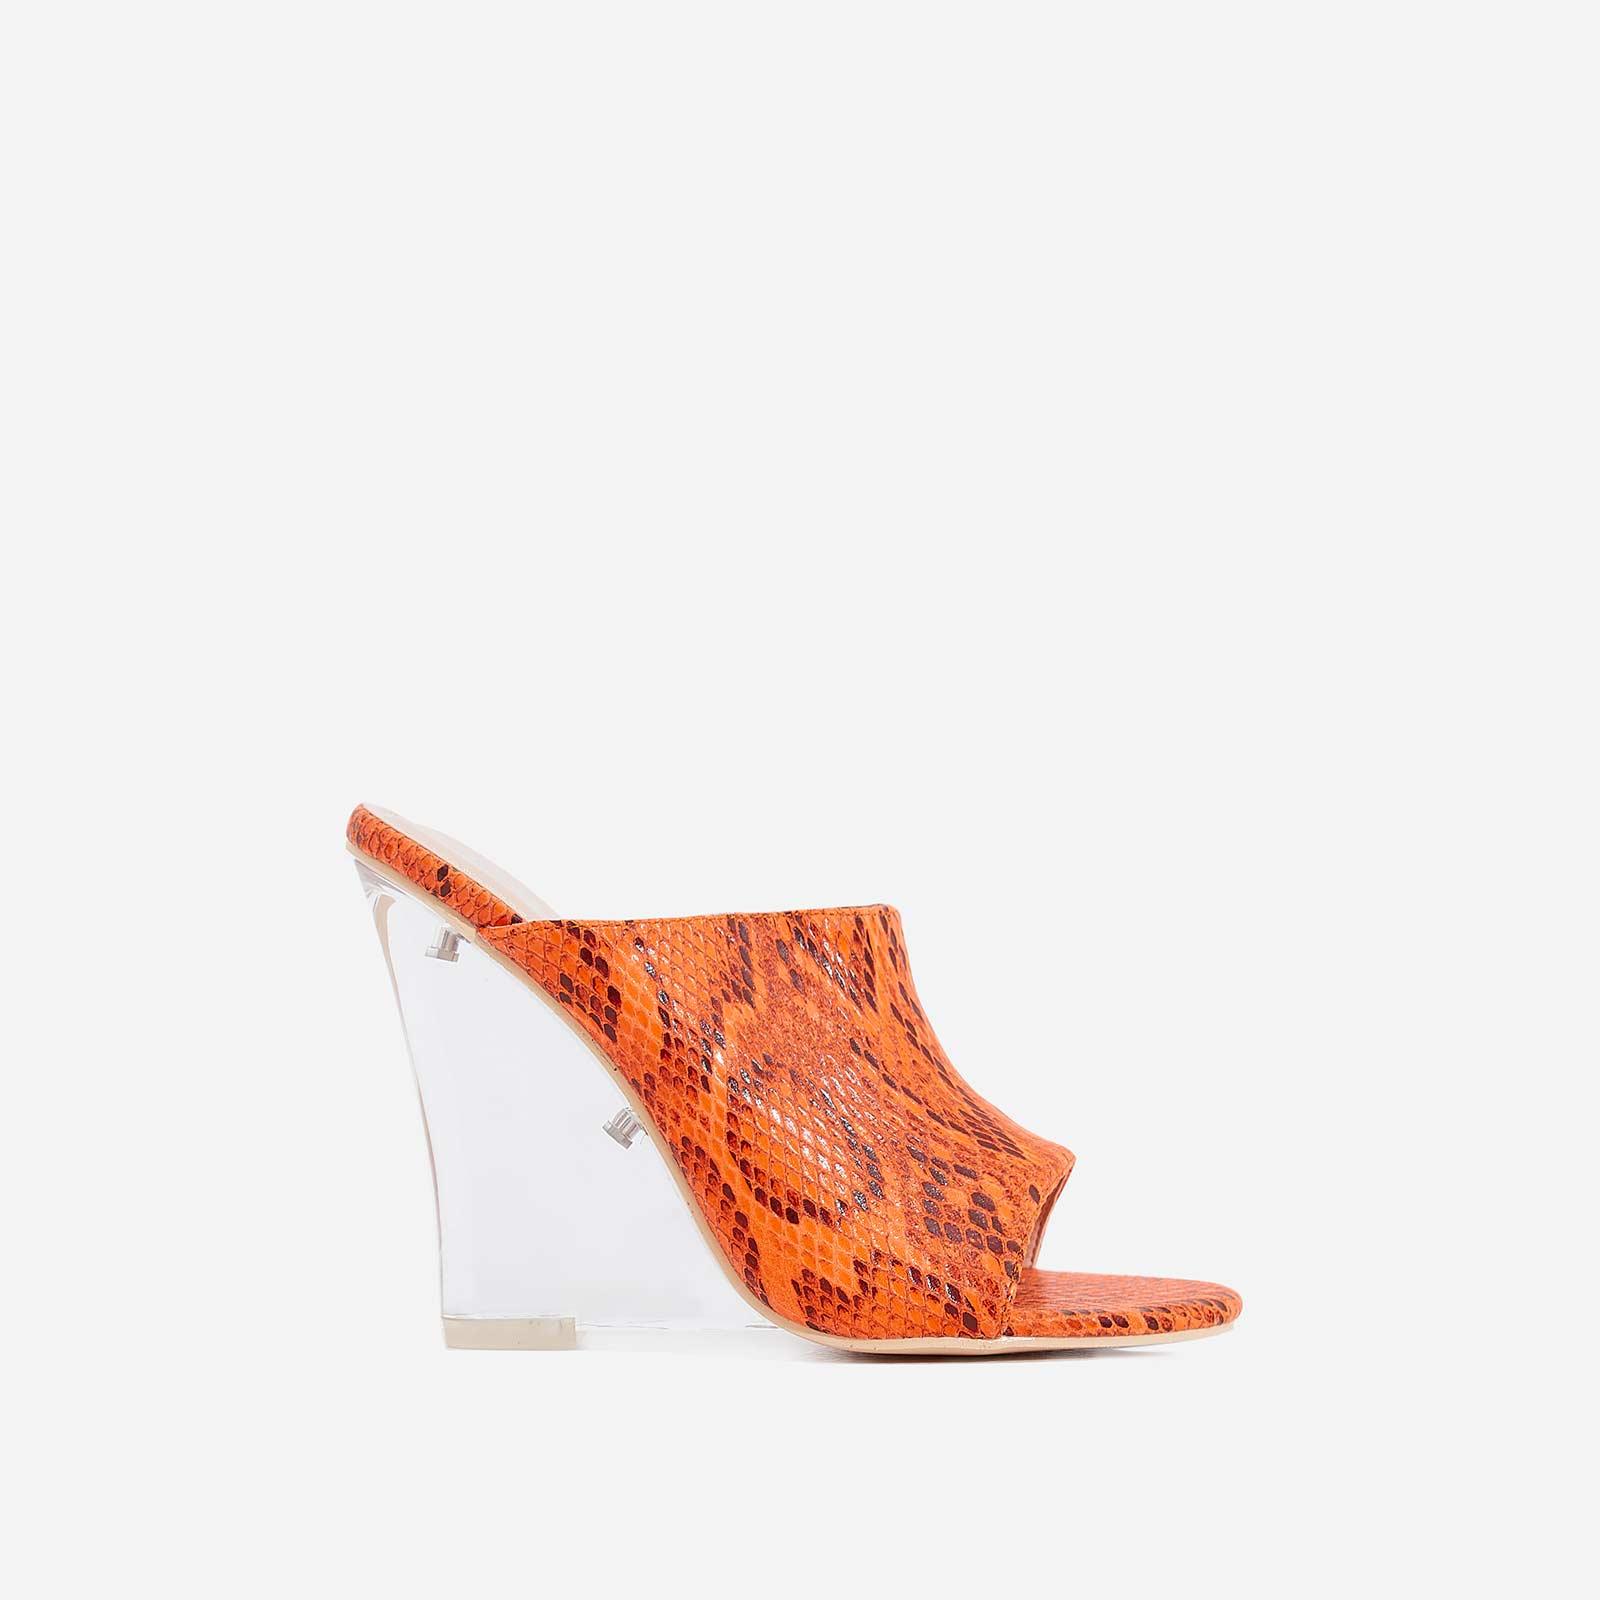 Candy Perspex Wedge Peep Toe Mule In Orange Snake Print Faux Leather